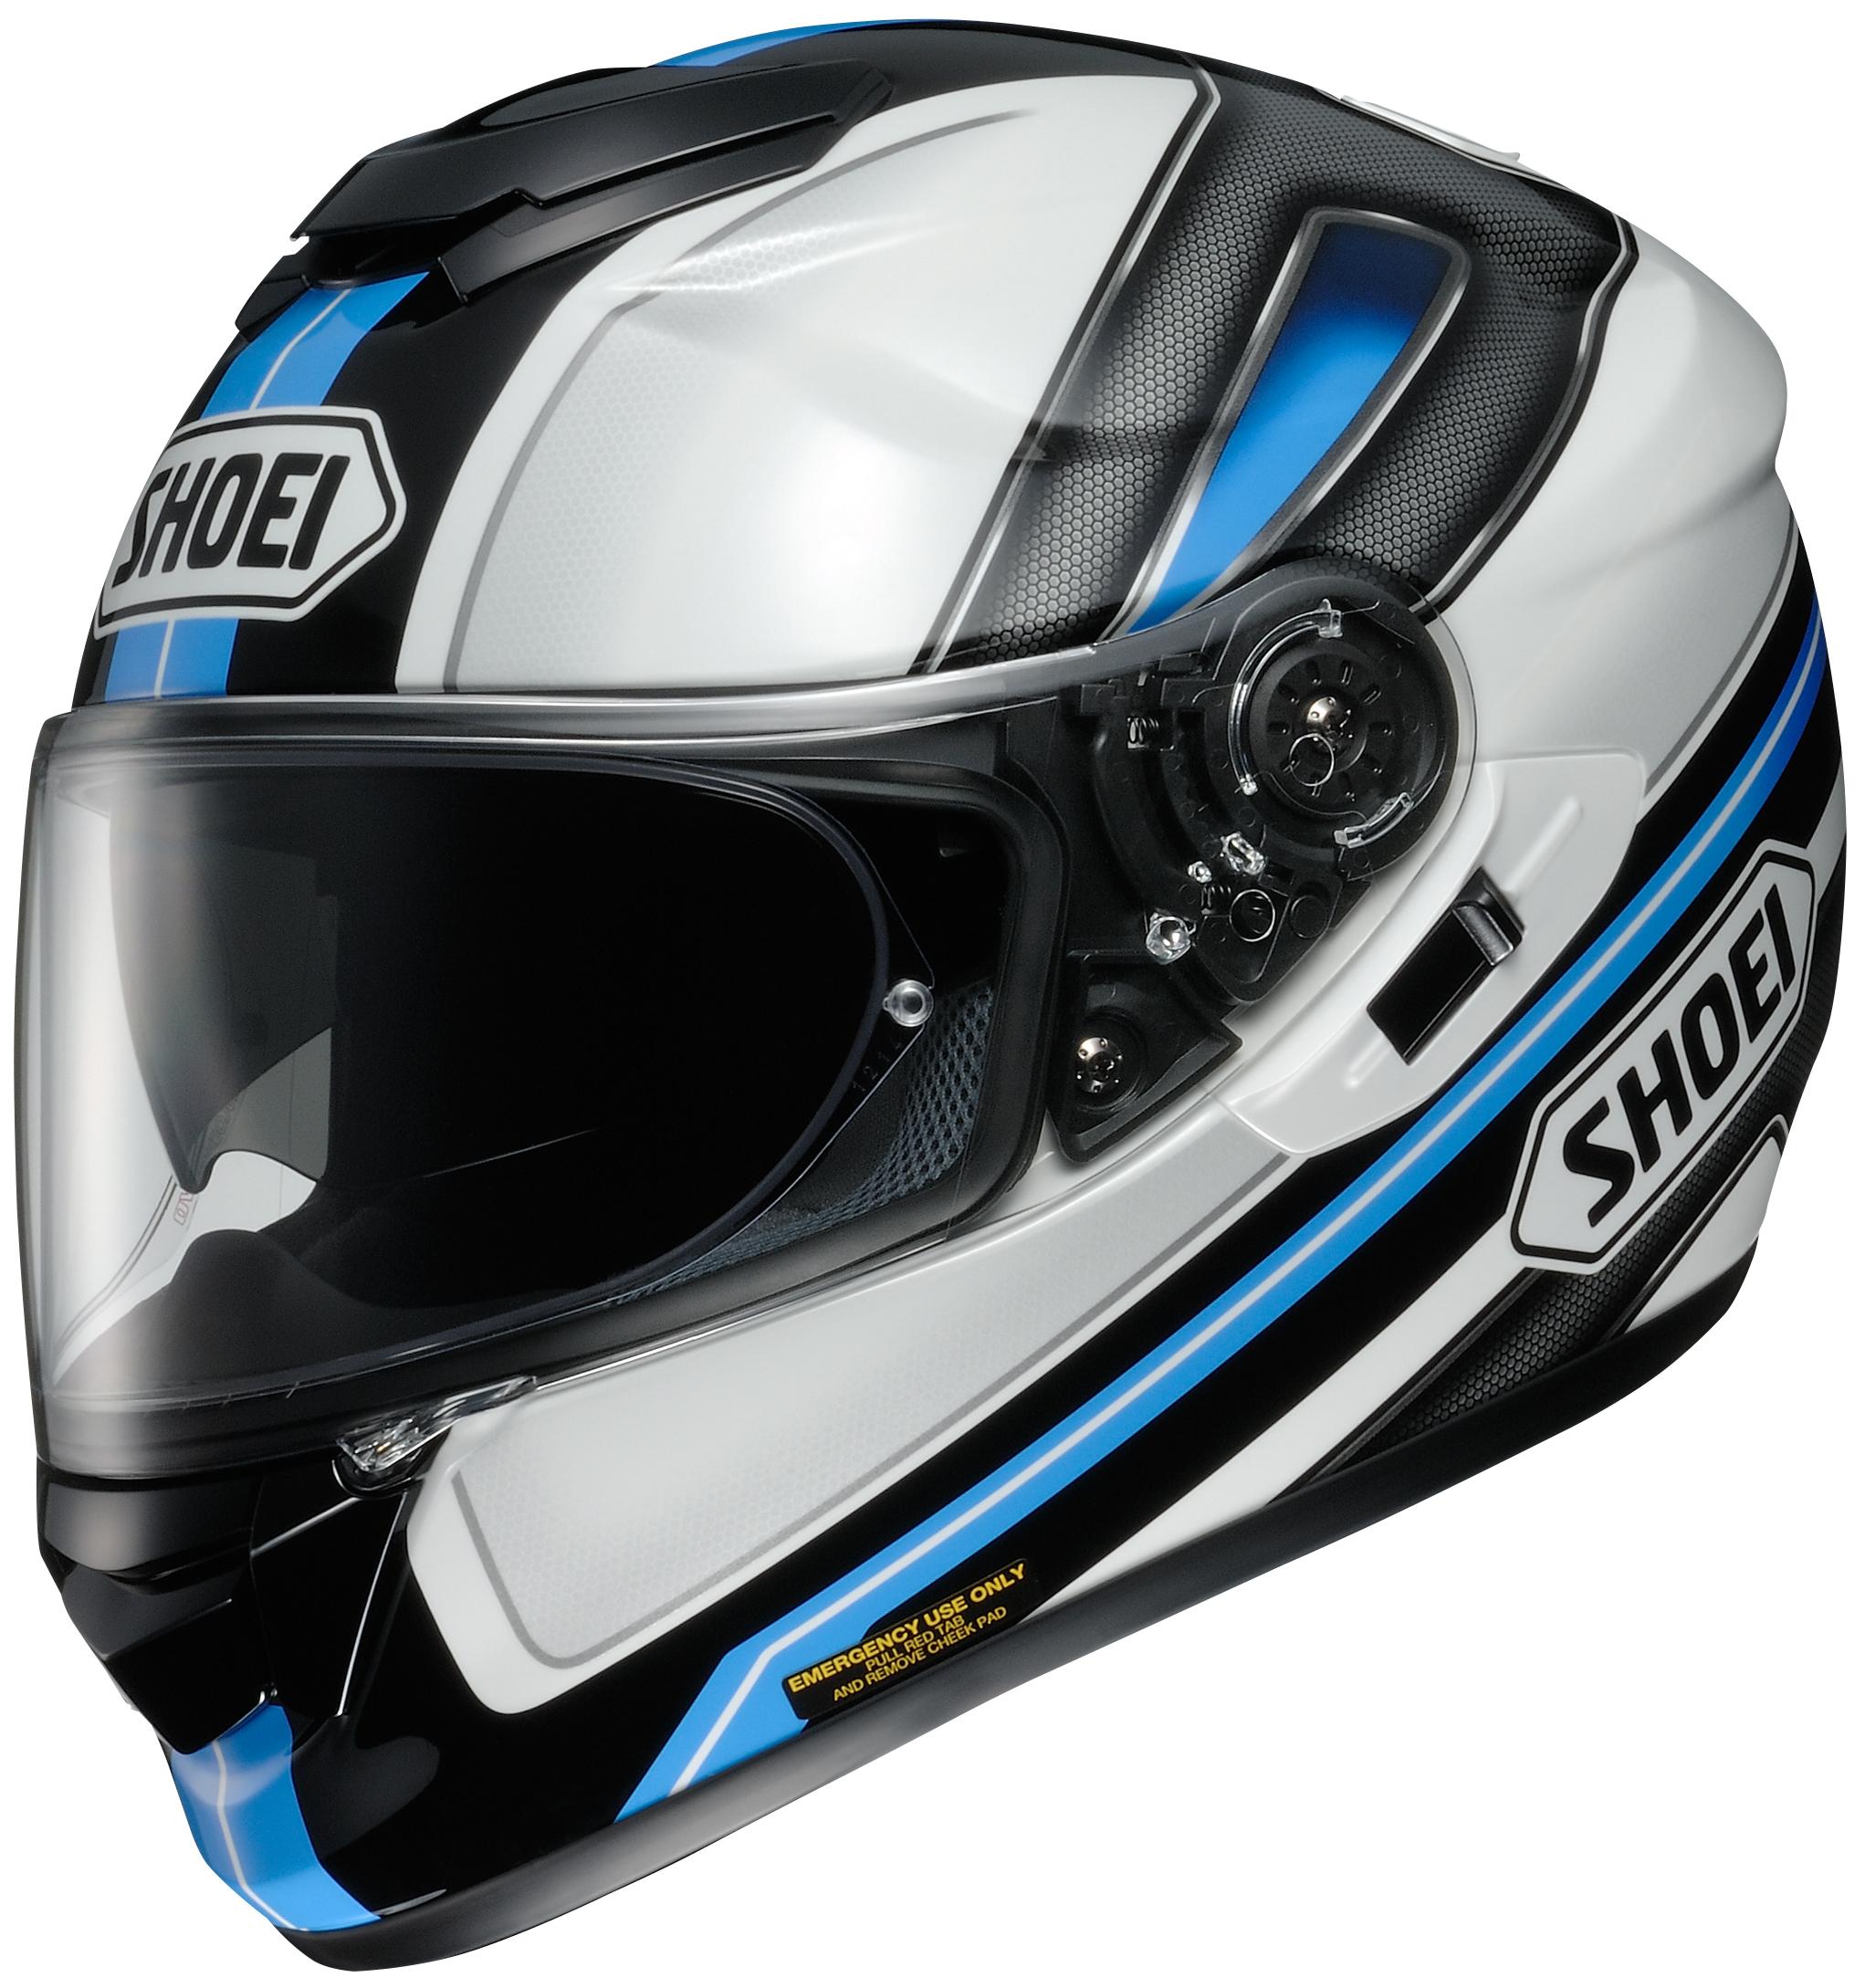 shoei gt air dauntless motorcycle street helmet red blue or gray. Black Bedroom Furniture Sets. Home Design Ideas